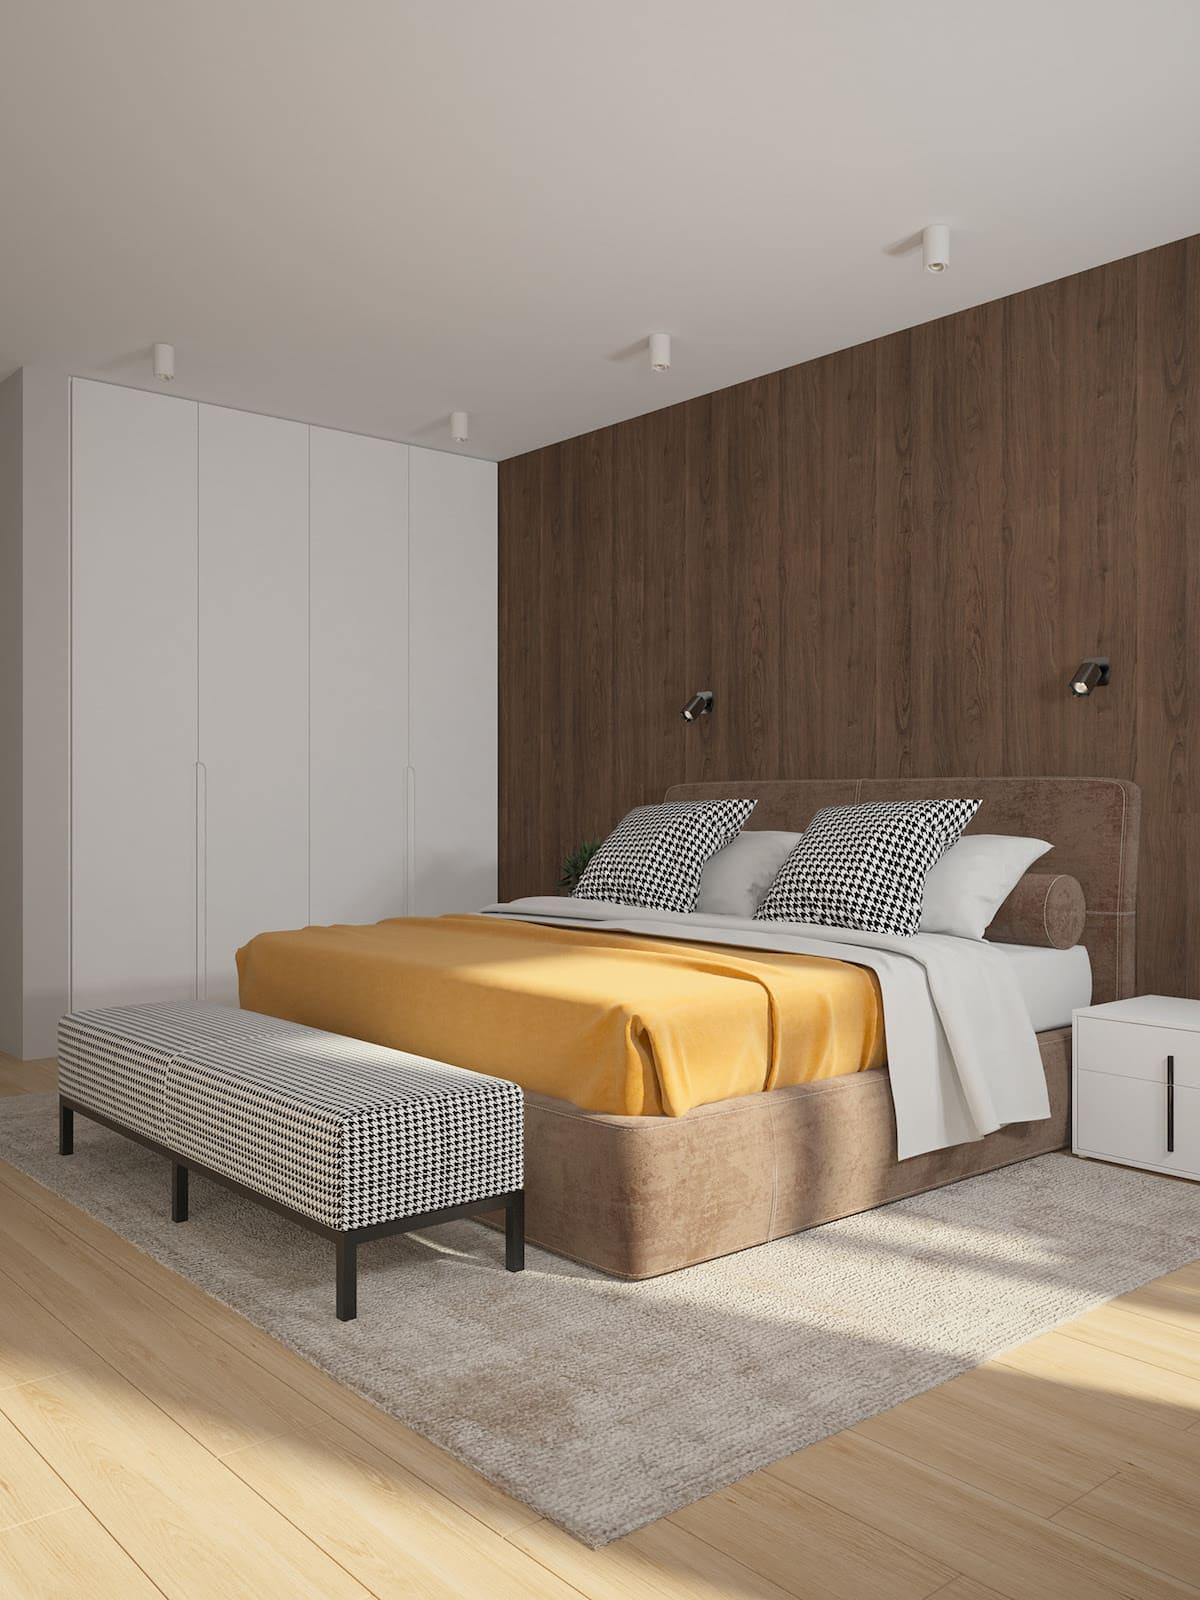 conception d'un appartement d'une pièce photo 10